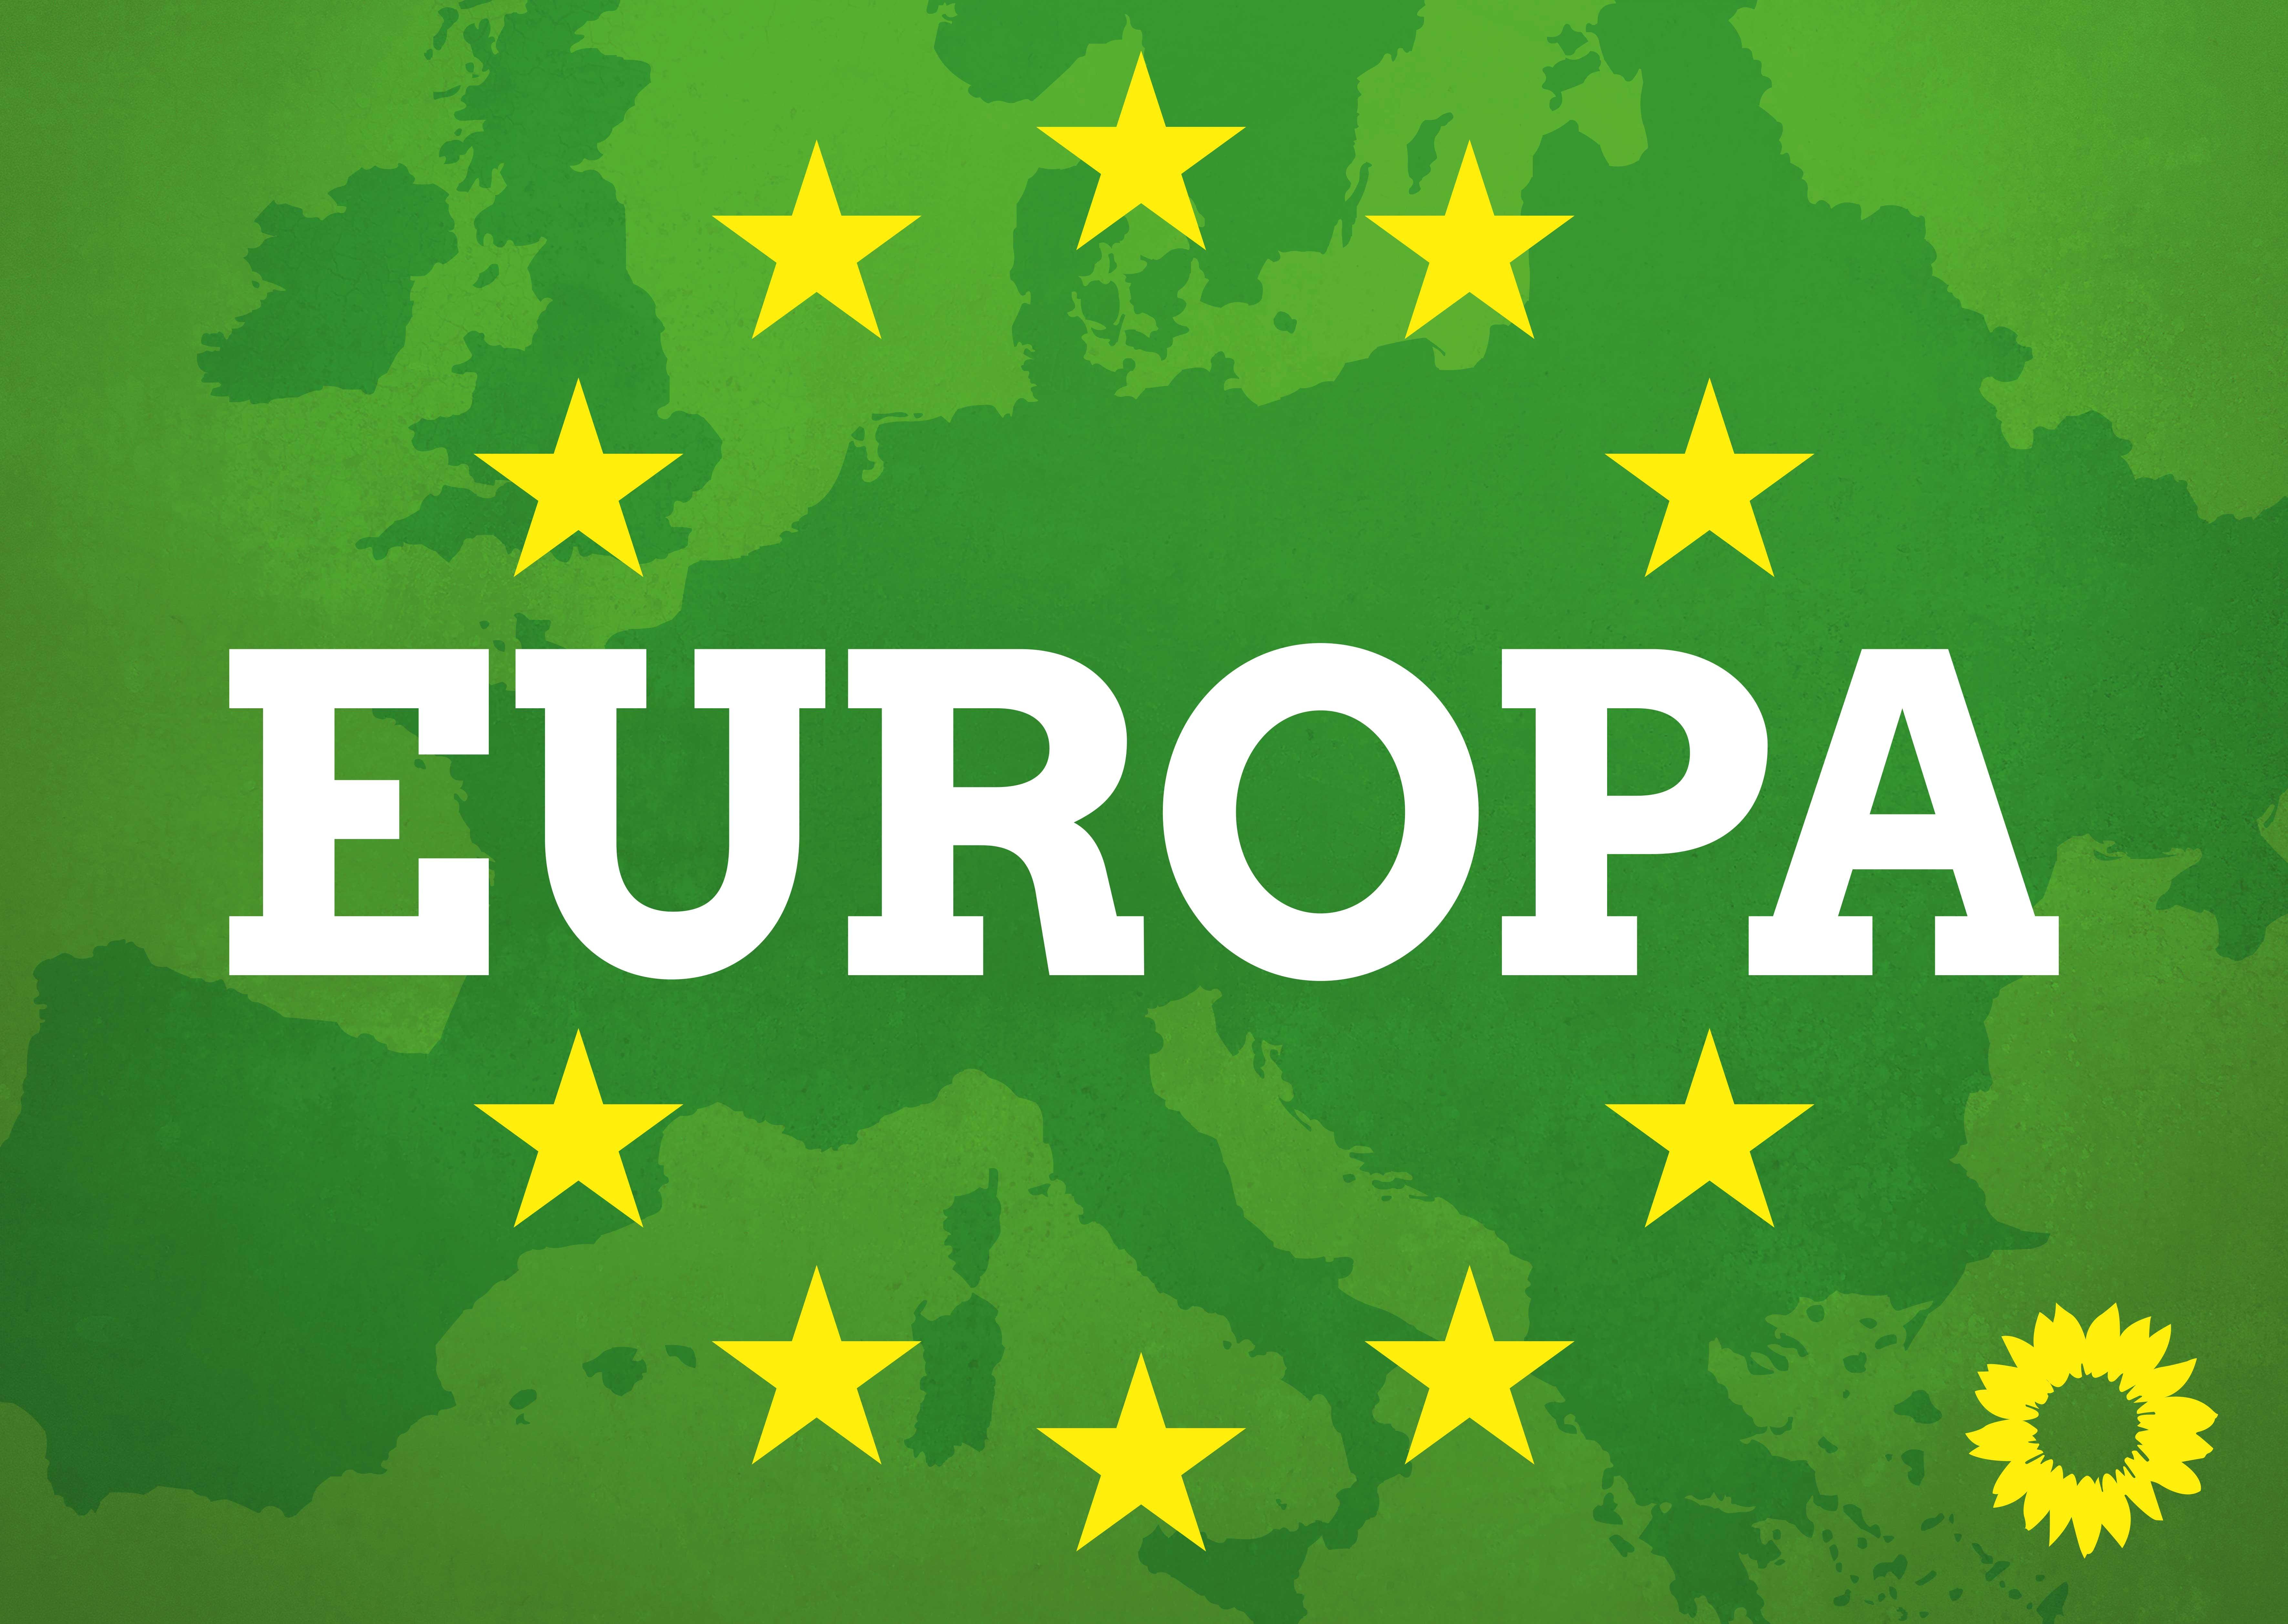 Wir kämpfen für Klimaschutz, Demokratie und Gerechtigkeit in Europa